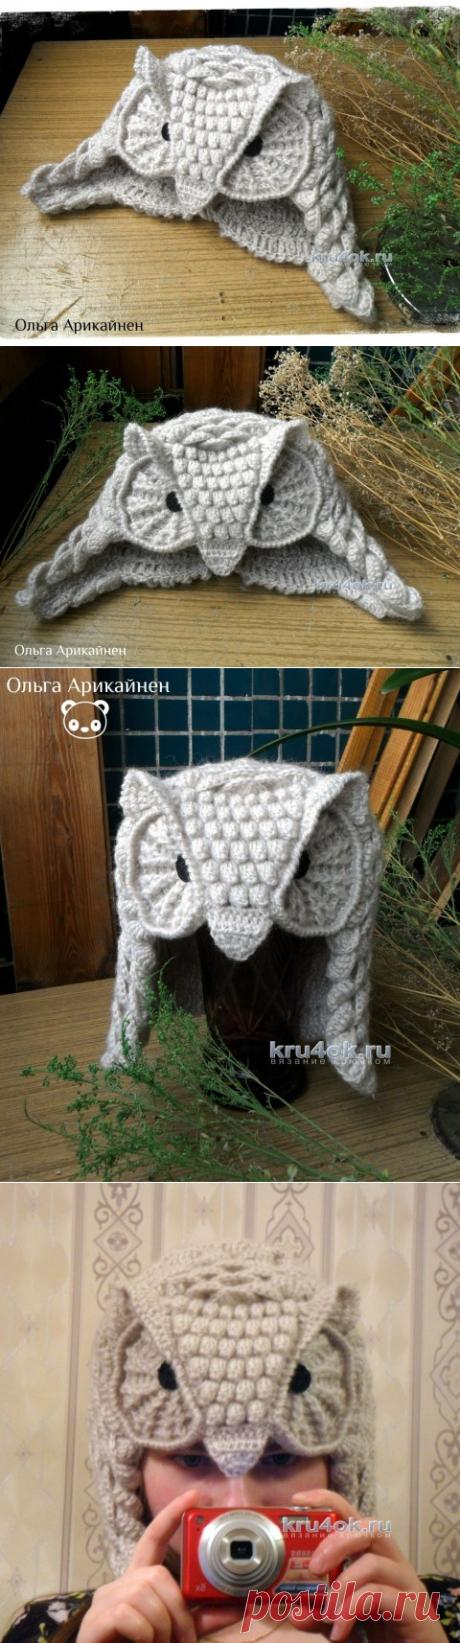 Детские ШАПКИ с ушками, 3 СХЕМЫ вязания | Вязание Крючком | Яндекс Дзен